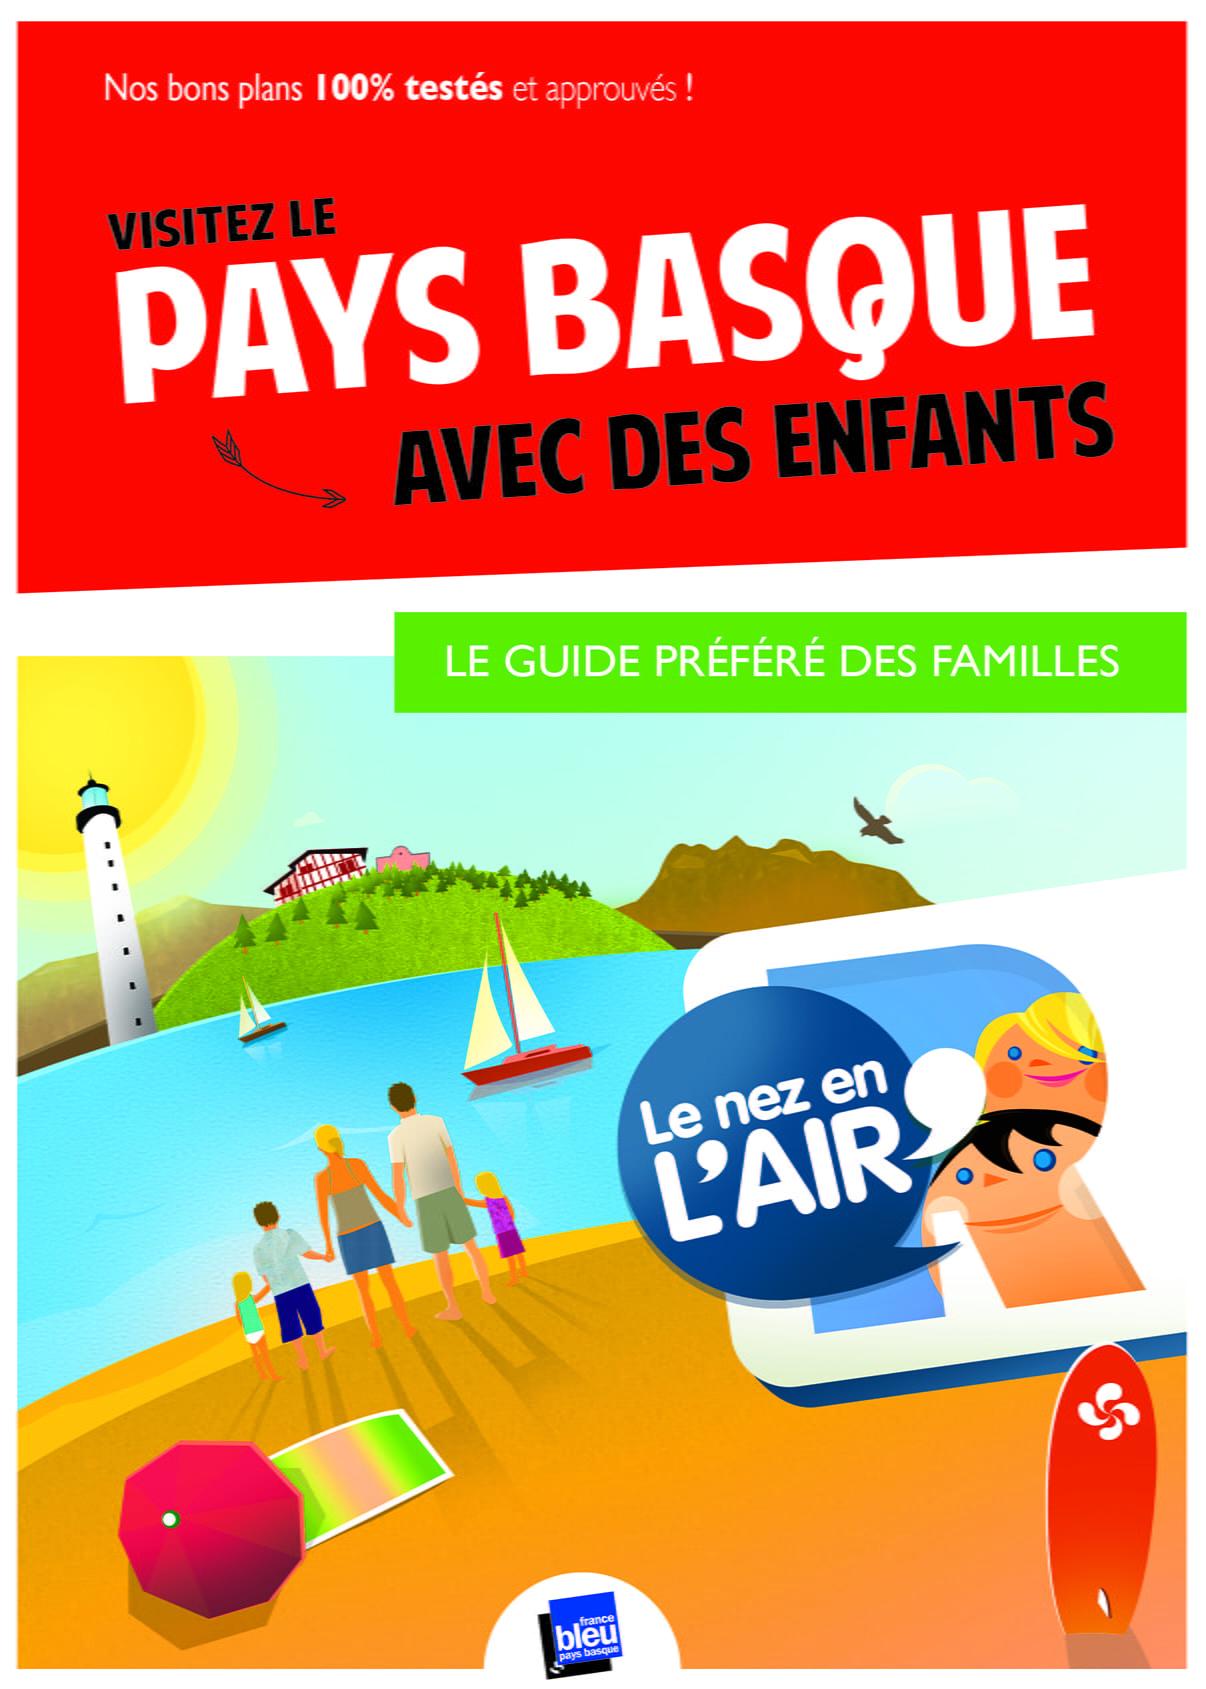 livre-visiter-le-pays-basque-avec-des-enfants